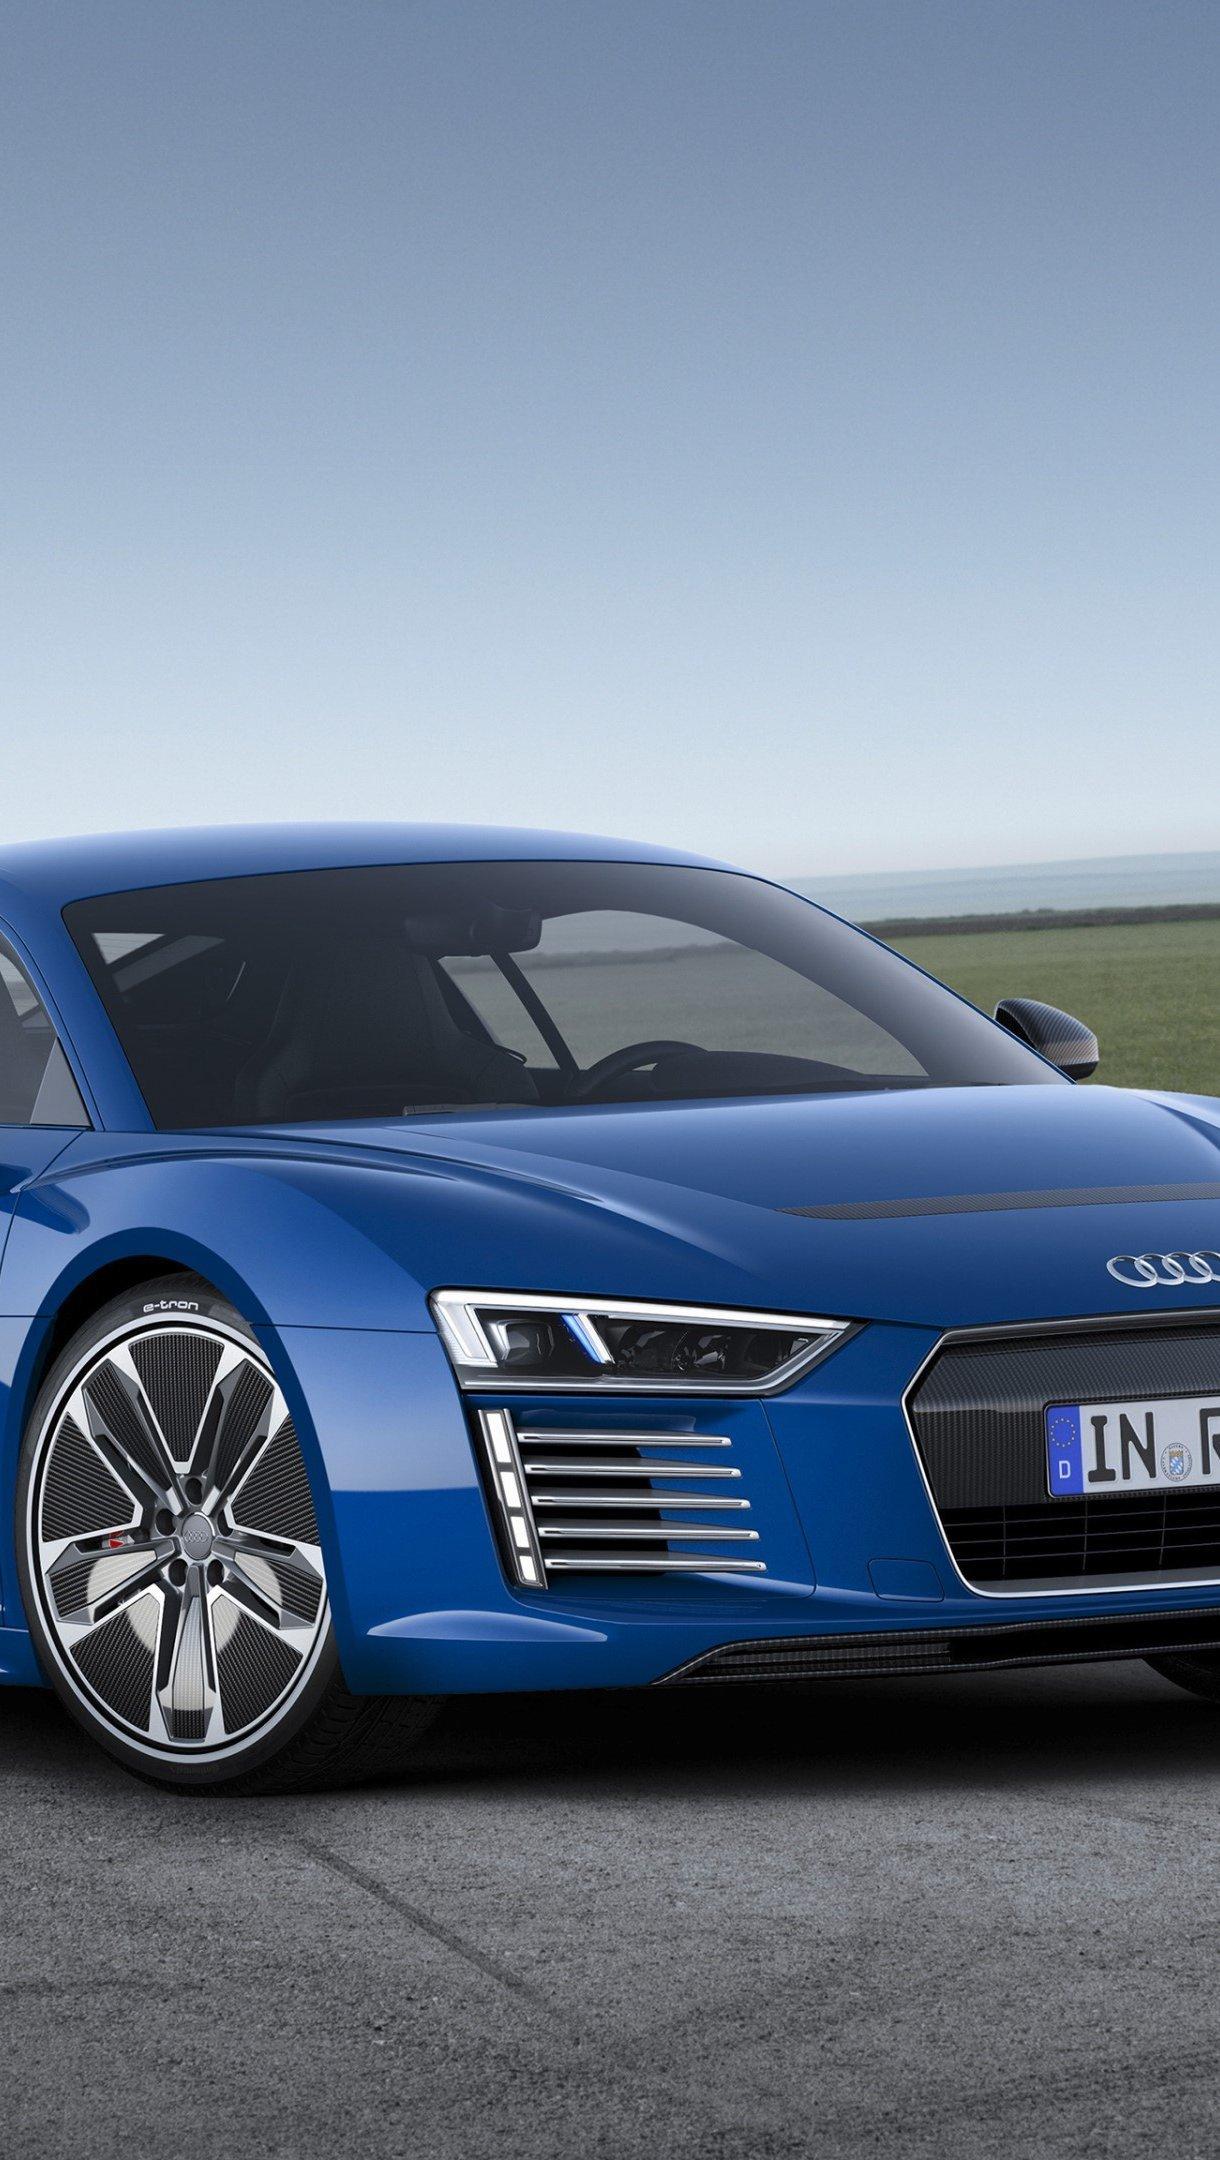 Fondos de pantalla Audi R8 E Tron Azul de lado Vertical